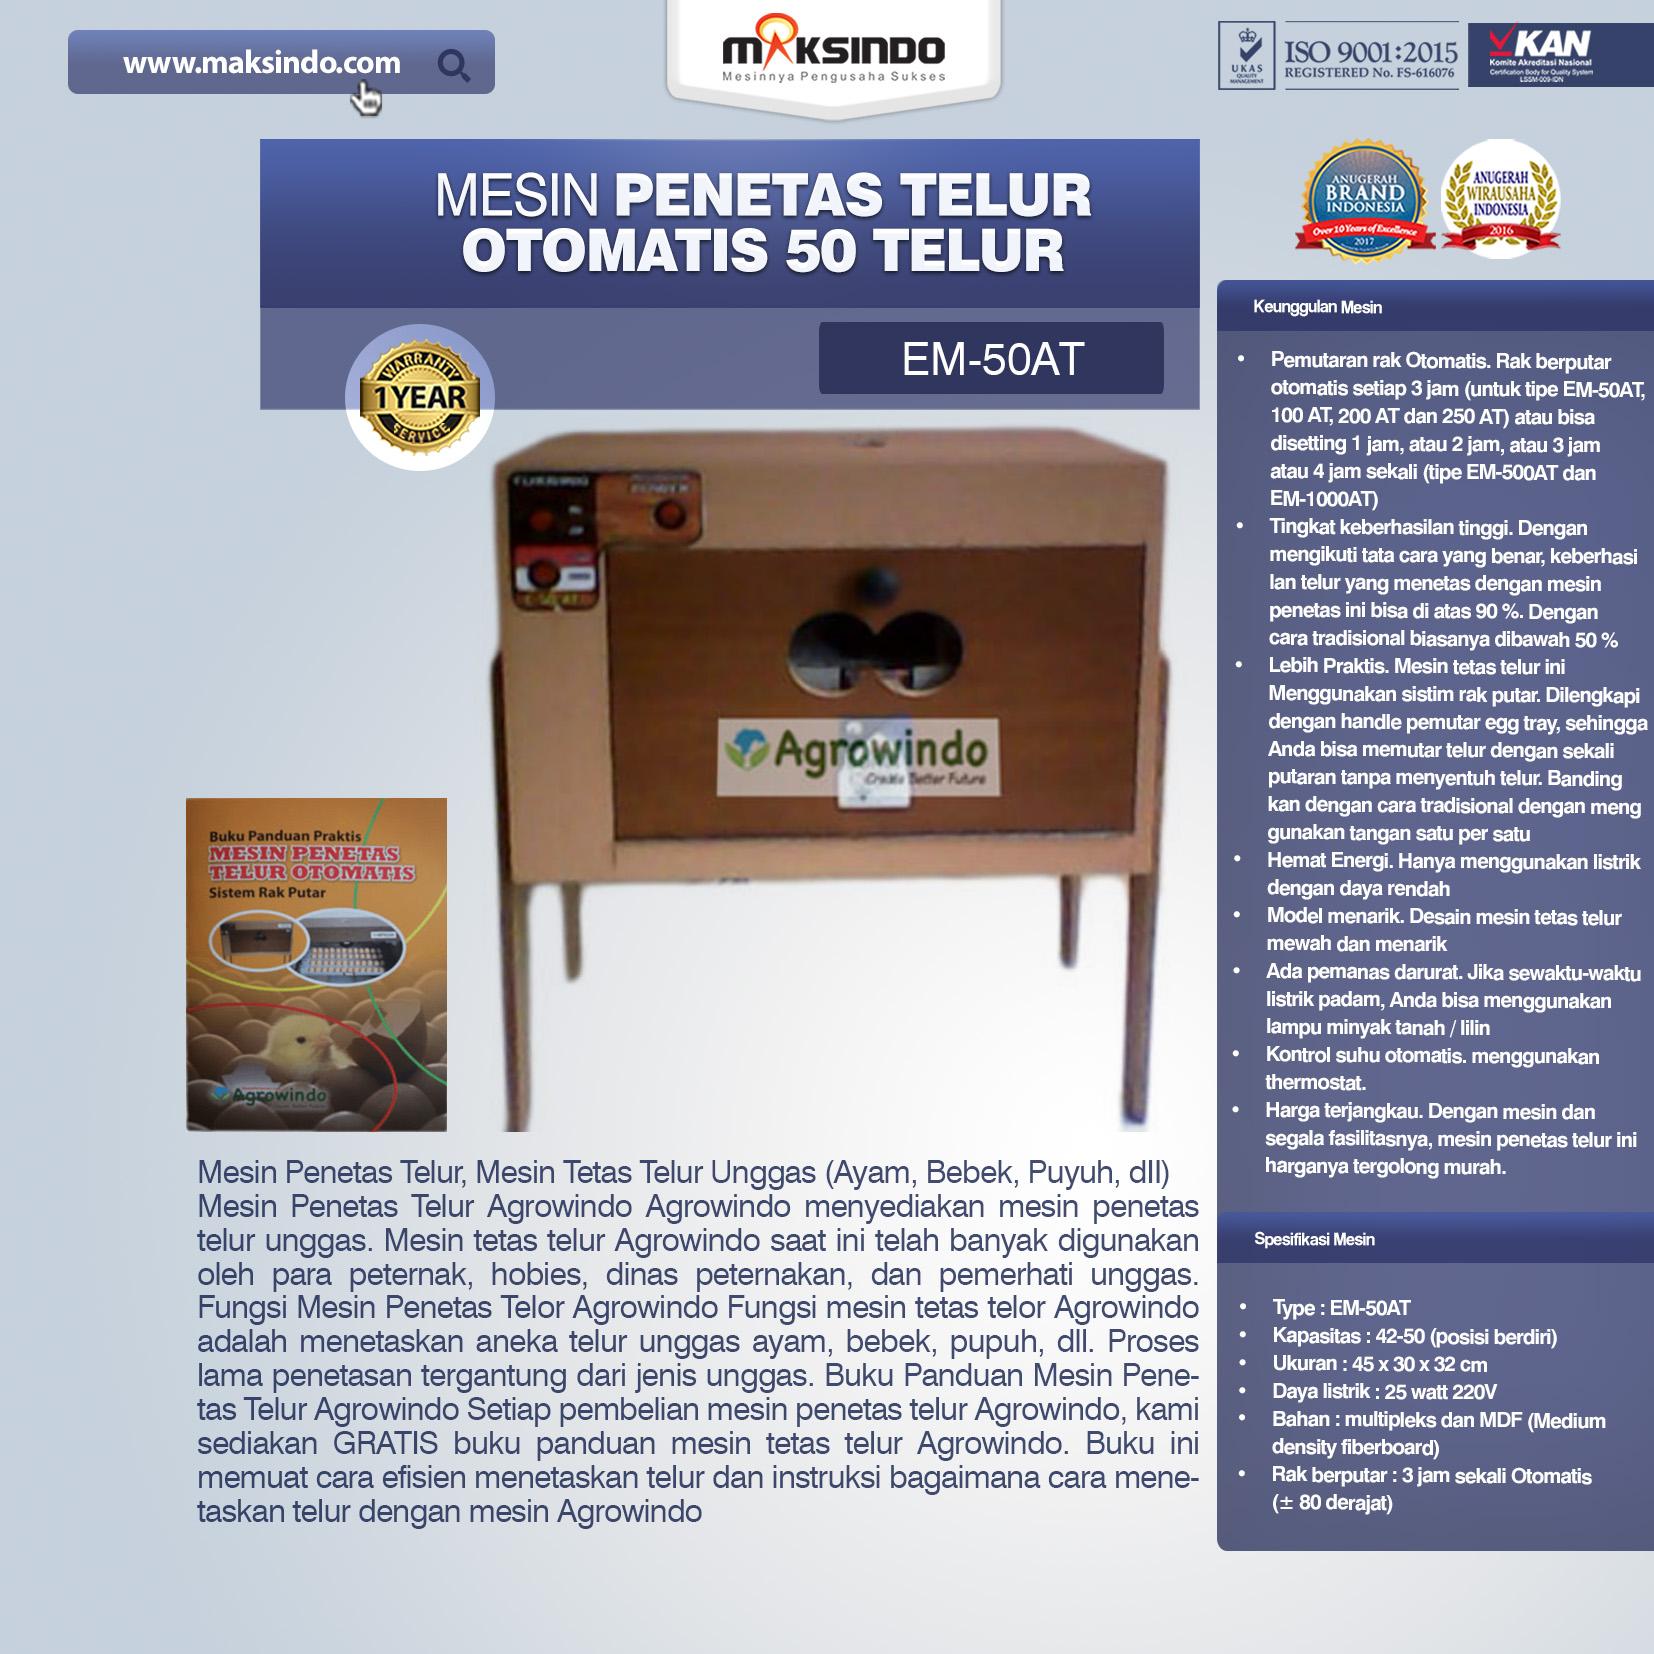 Jual Mesin Penetas Telur Otomatis 50 Telur (EM-50AT) di Bali